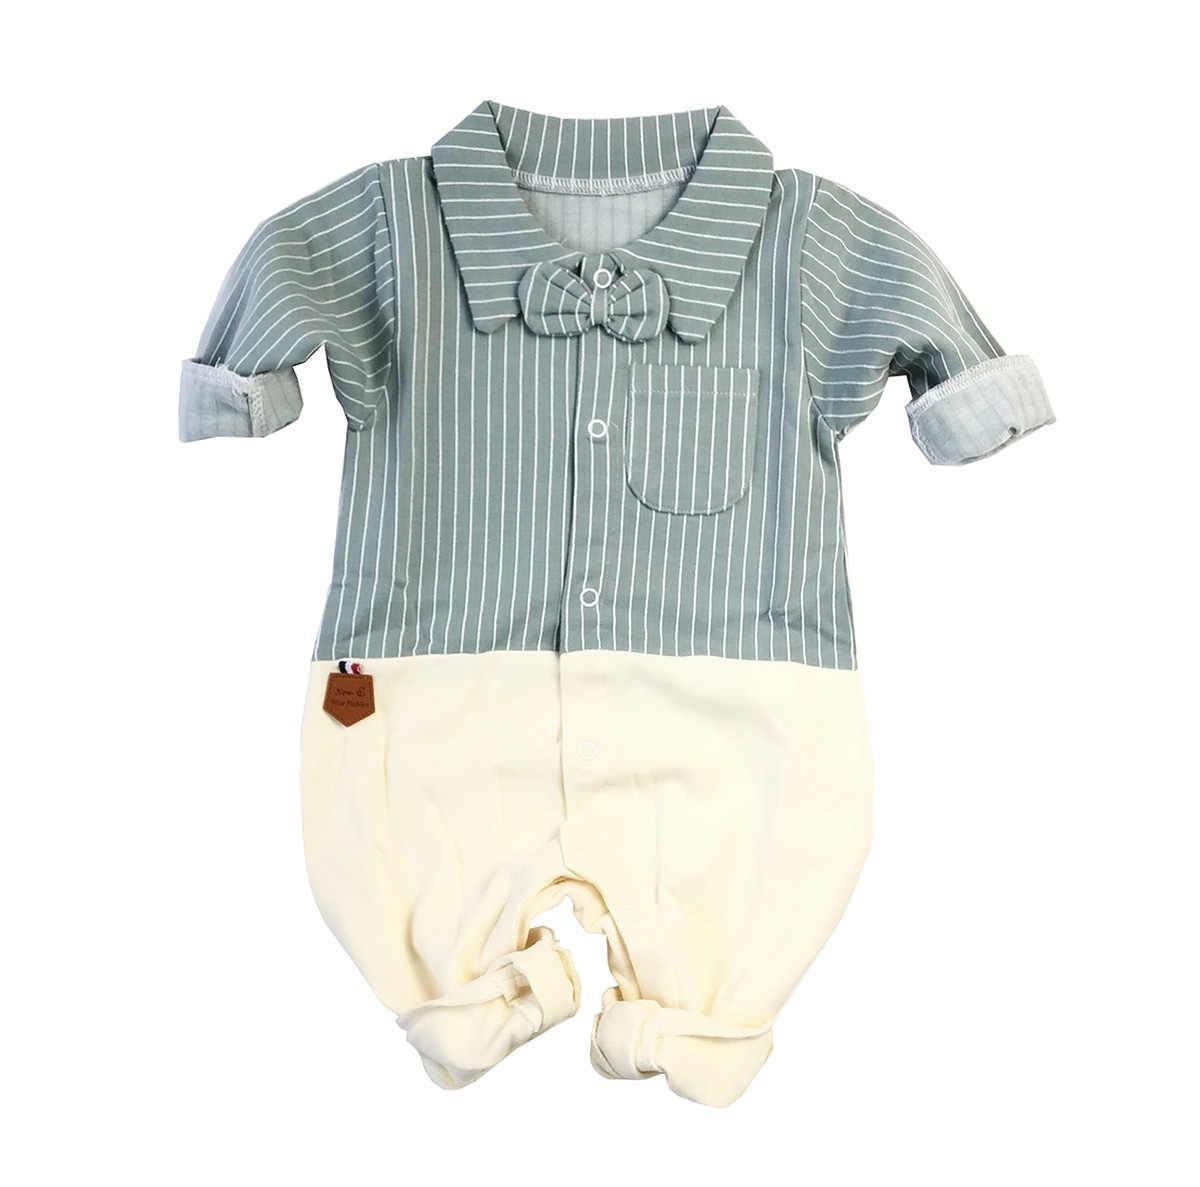 Одежда унисекс для маленьких детей; деловой цельный комбинезон с длинными рукавами; Детский комбинезон; вечерние комбинезоны для маленьких мальчиков; комбинезоны с отворотом и бантом